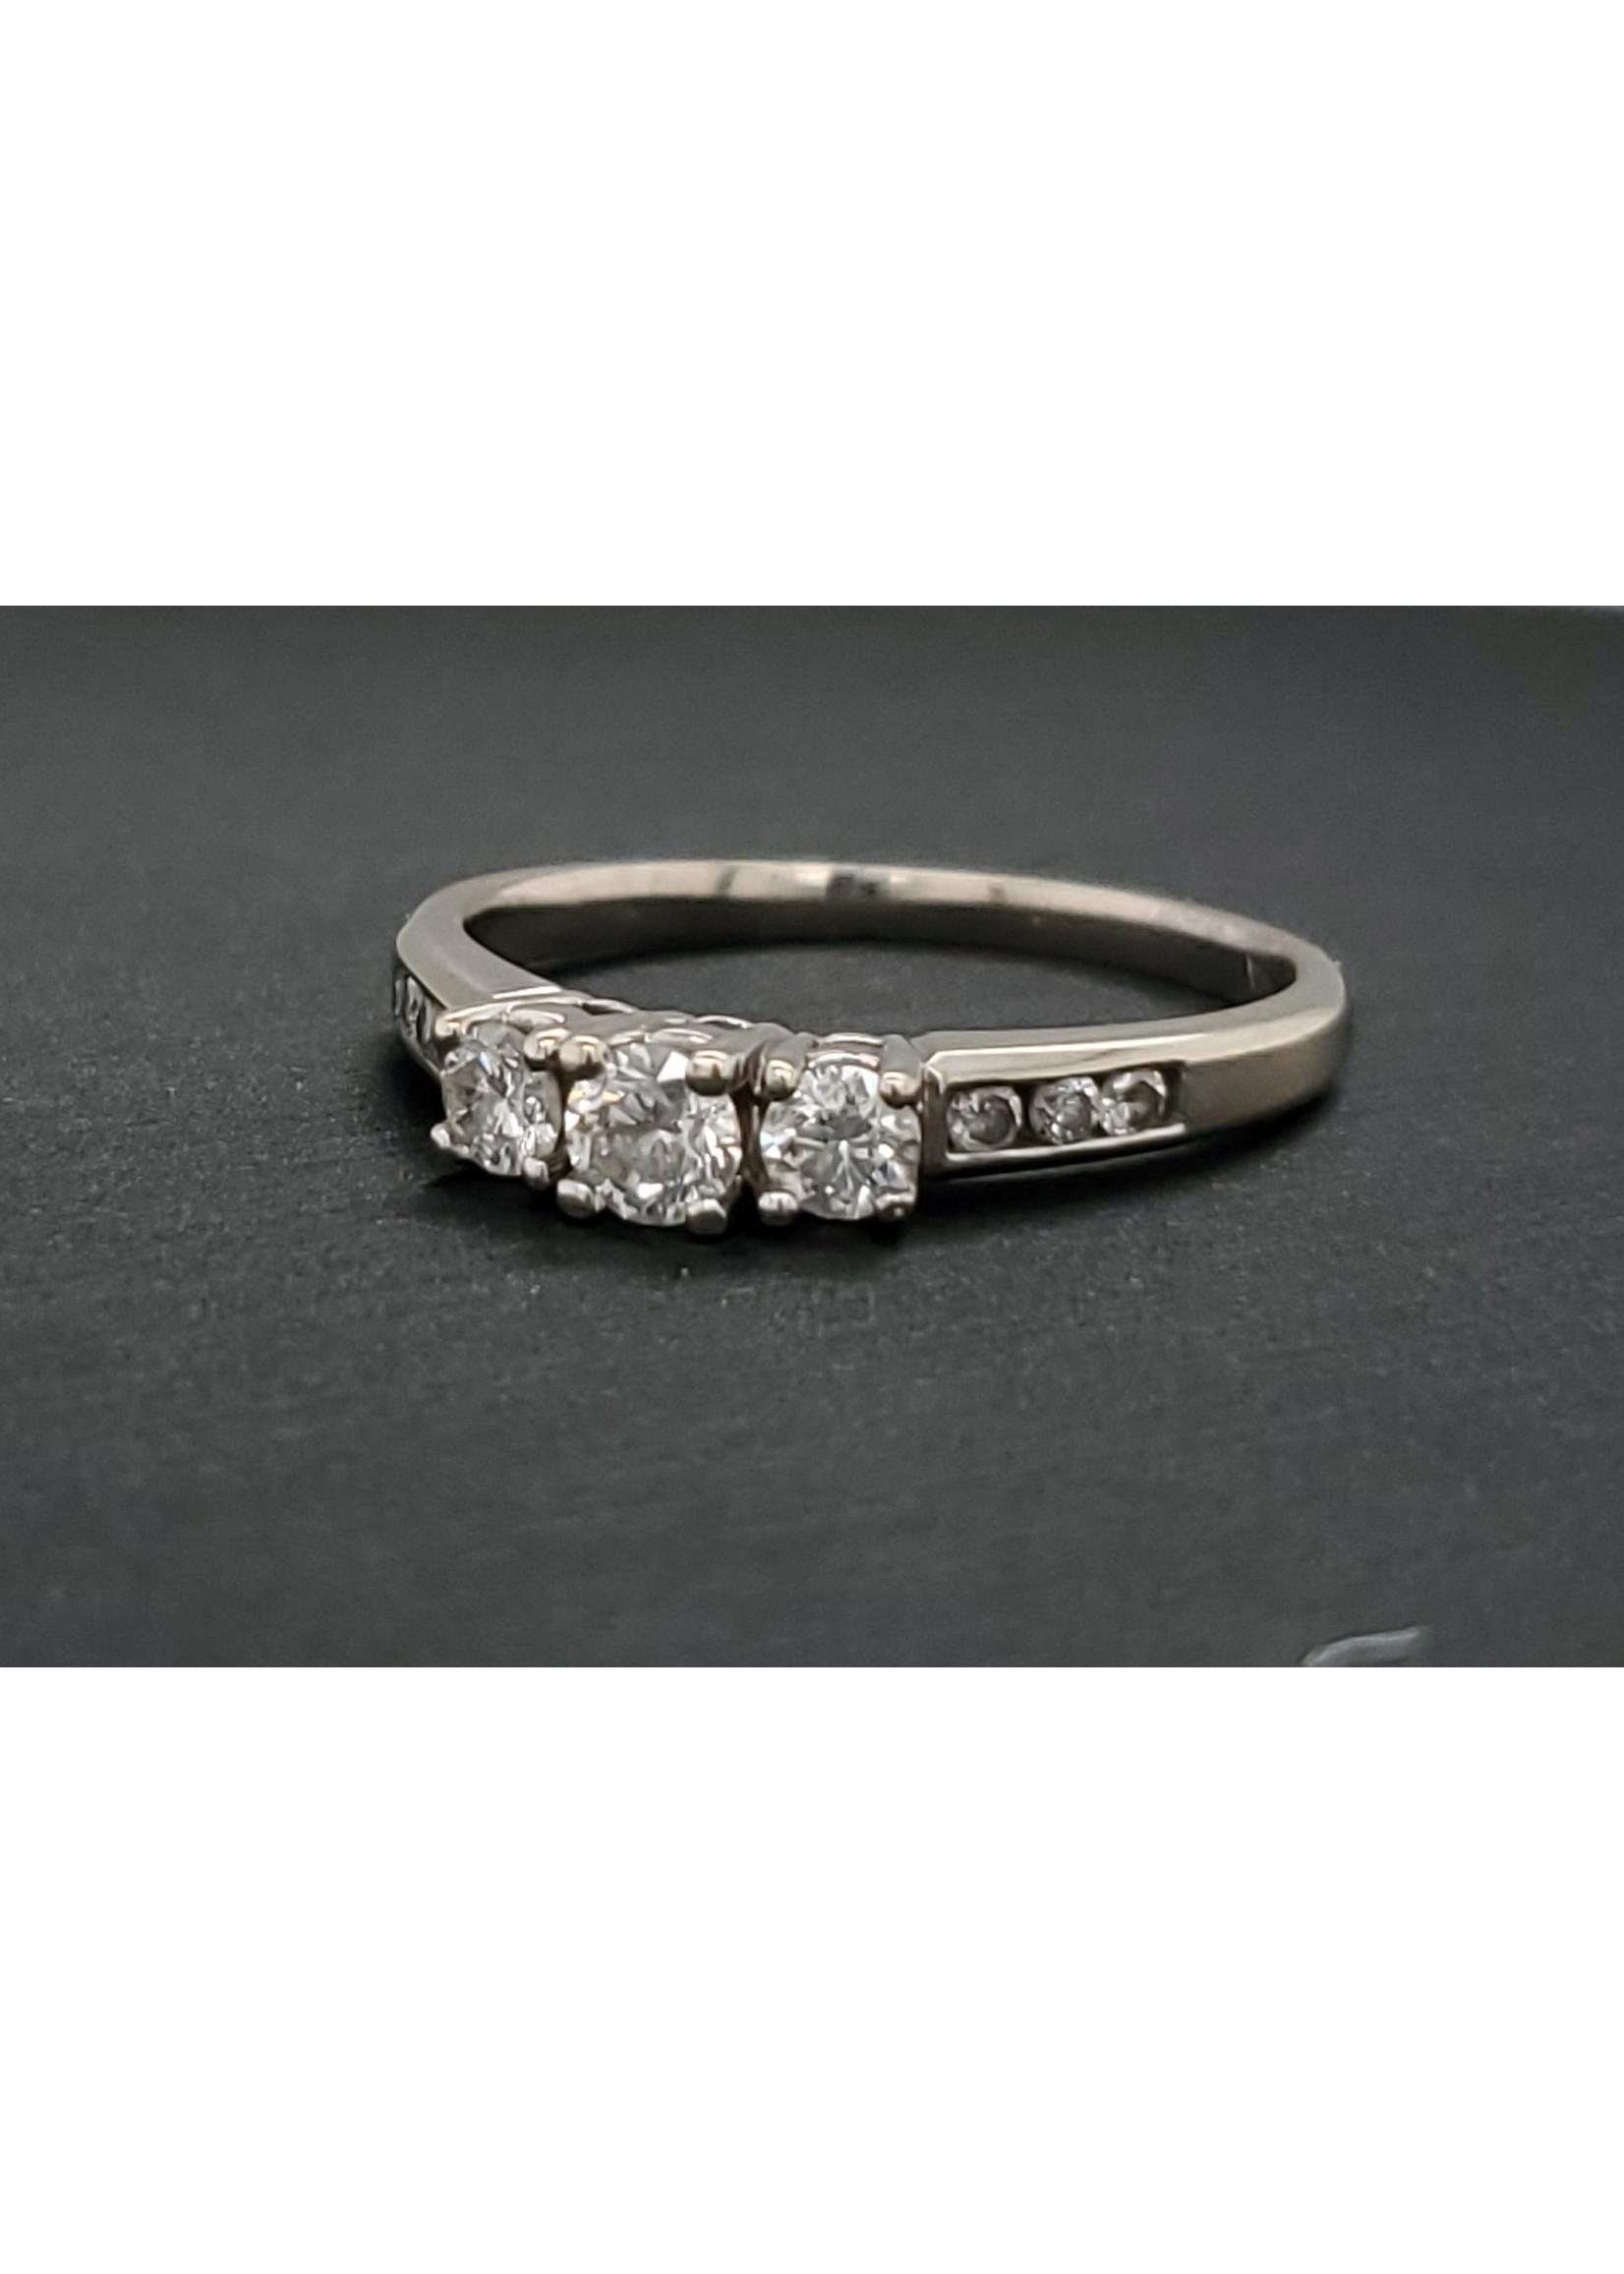 Vintage Jewellery Vintage Trinity Ring   Sz 6.75